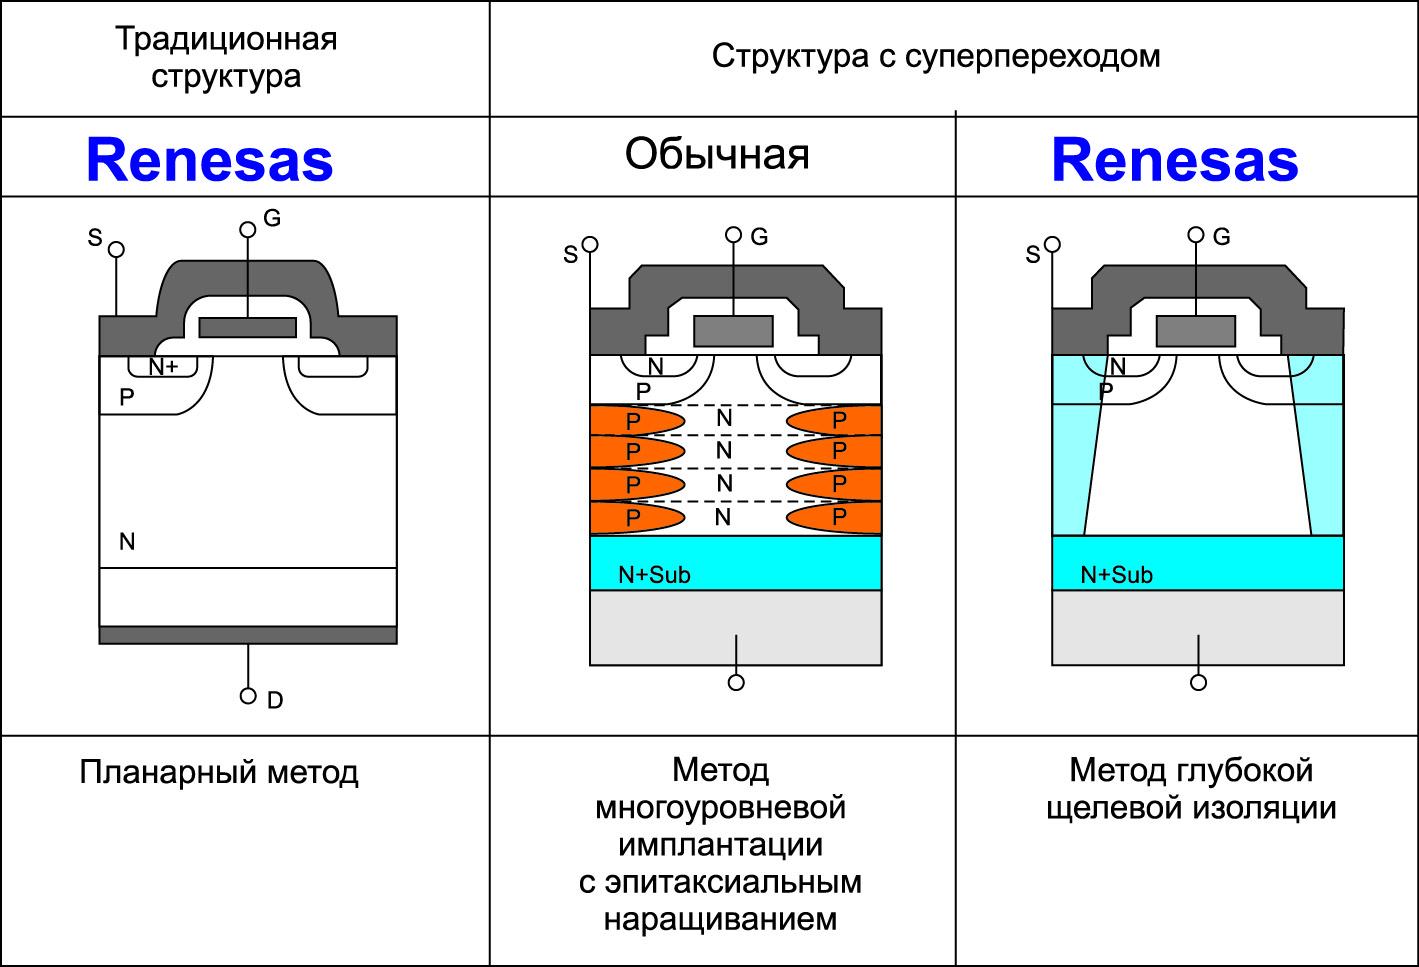 Столбики полупроводника p-типа внутри полупроводника n-типа, образующие структуру с глубокой щелевой изоляцией